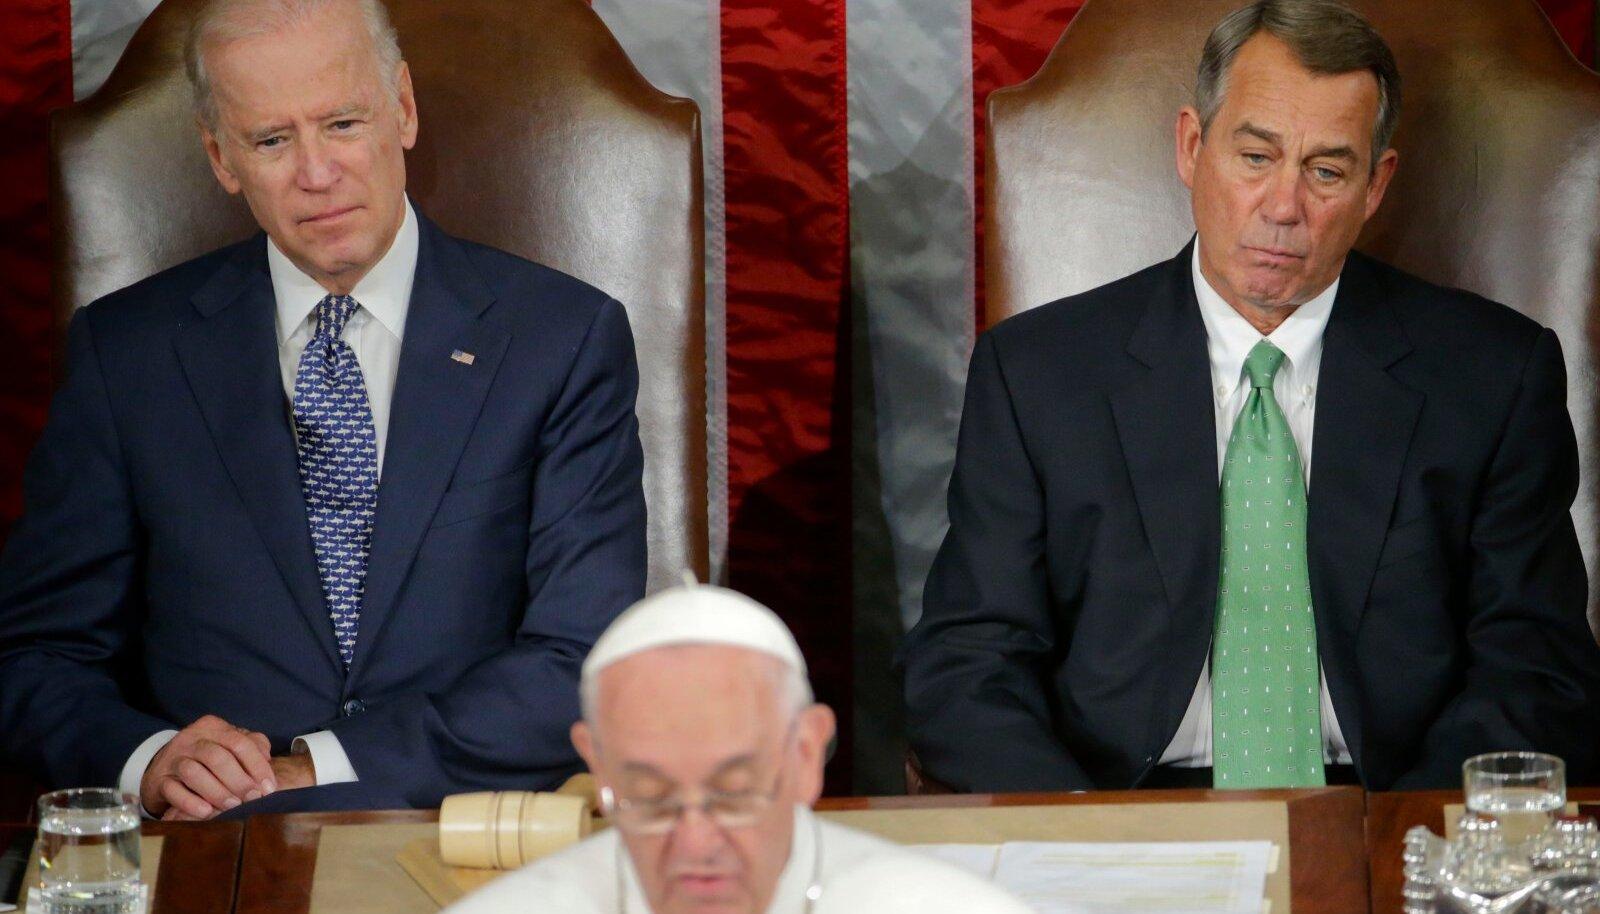 Kongressi toonane spiiker John Boehner (paremal) 2015. aastal toonase asepresidendi Joe Bideni ja paavst Franciscusega Washingtonis